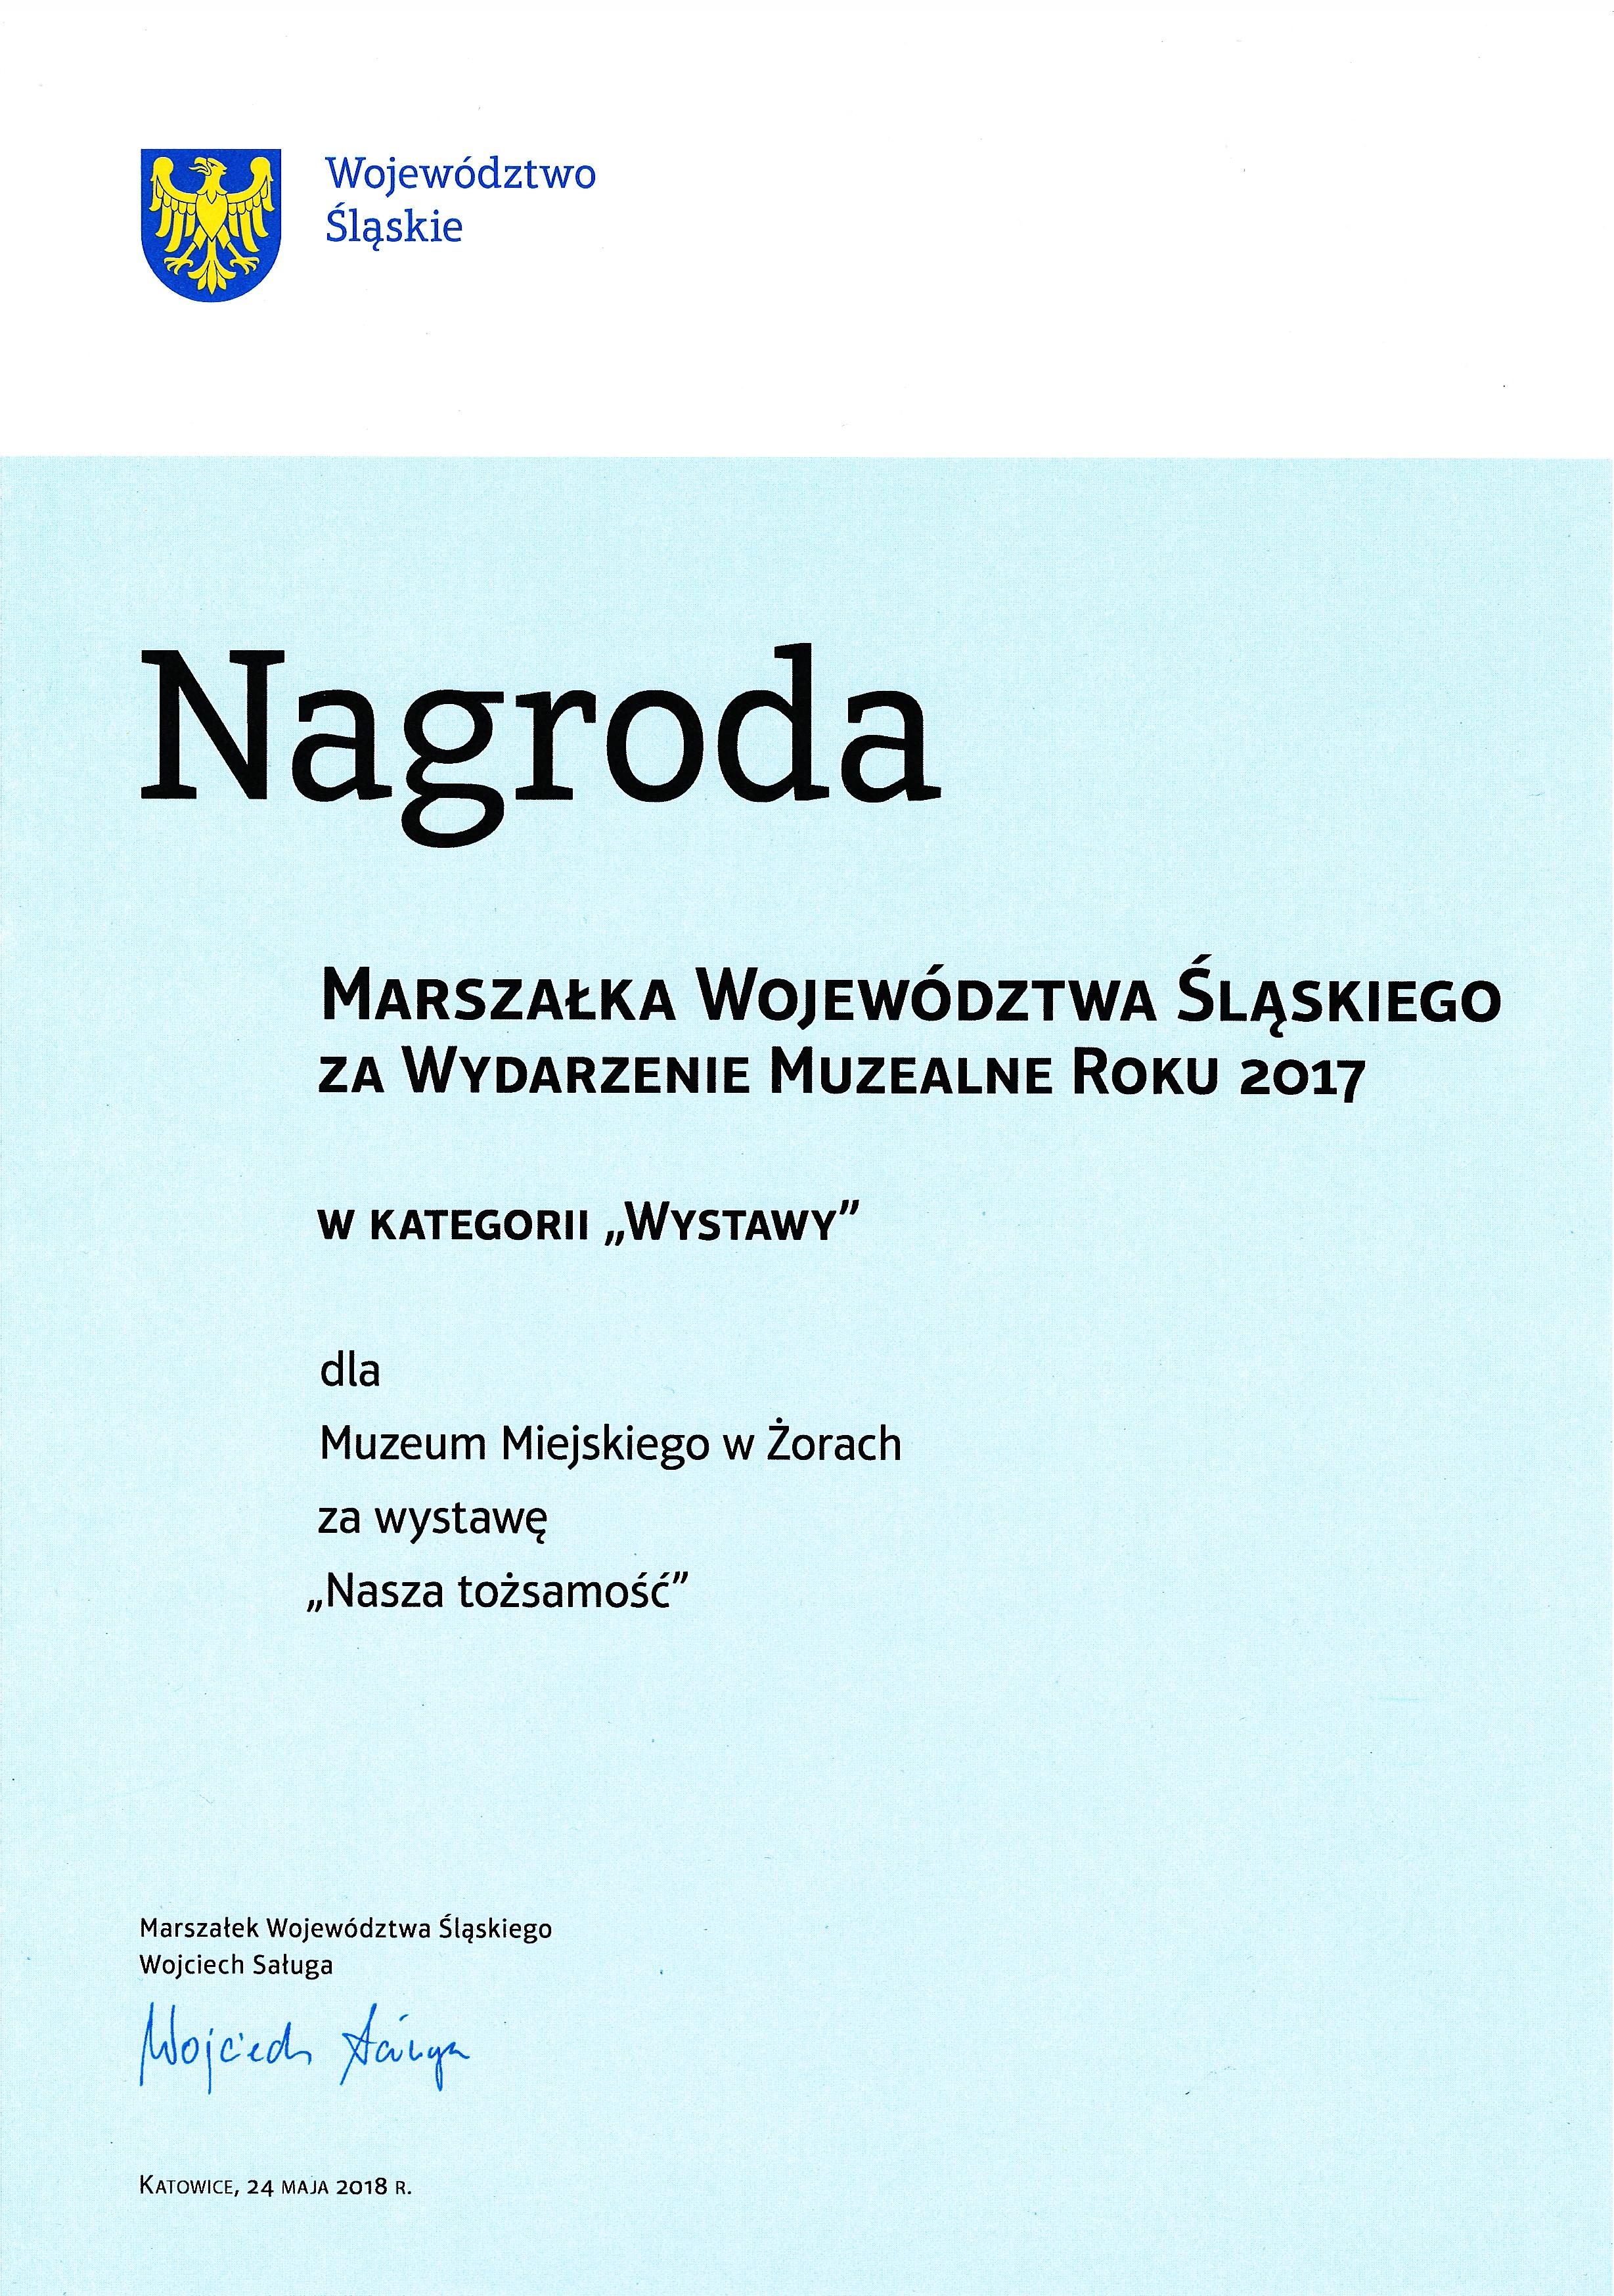 Nagroda-Marszalka-Wojewodztwa-Slaskiego-Nasza-Tozsamosc 1